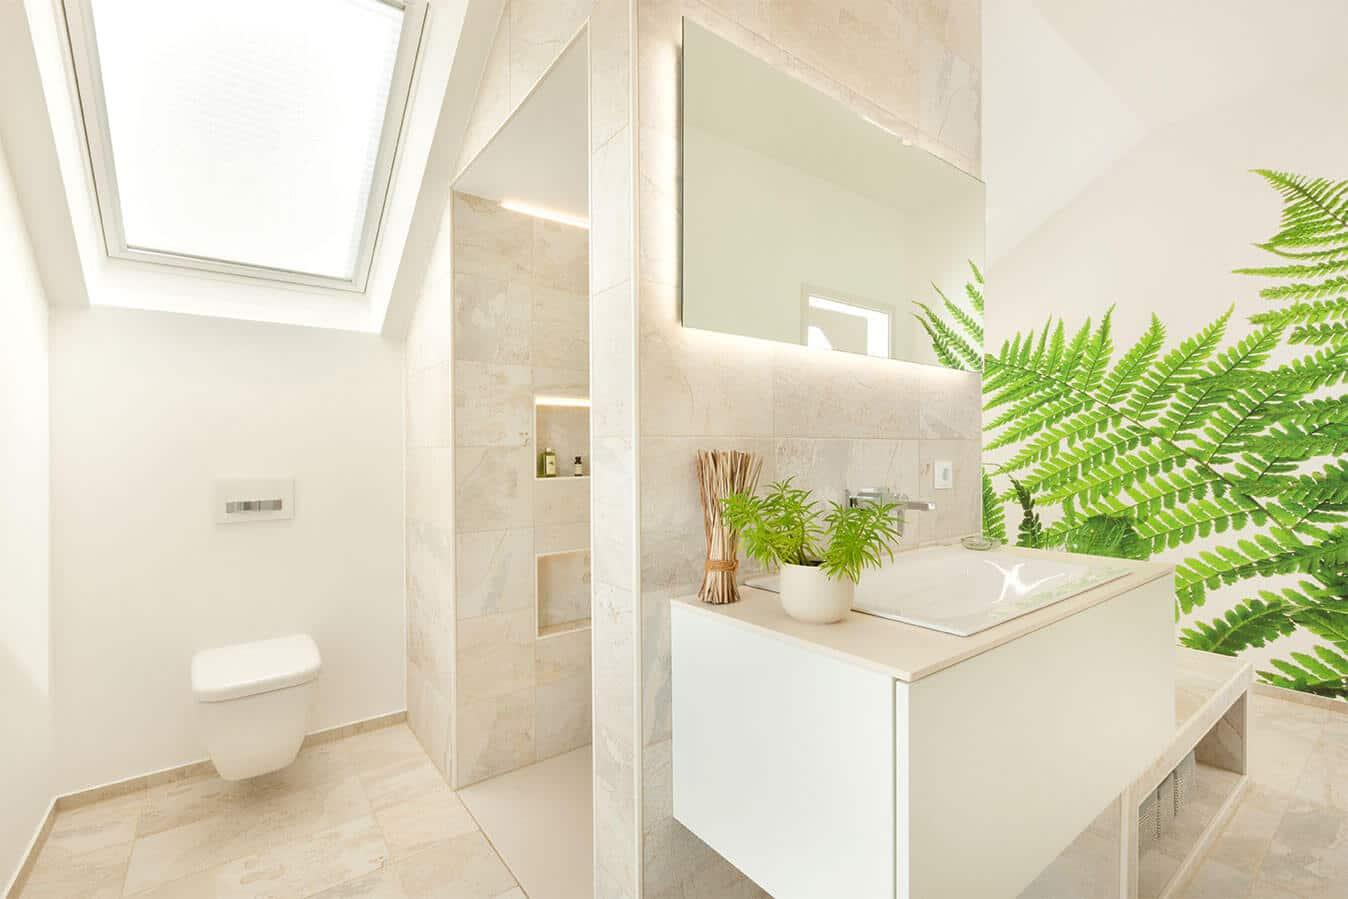 Musterhaus Günzburg - Familienbadezimmer mit Blick auf Dusche, Waschtisch und WC